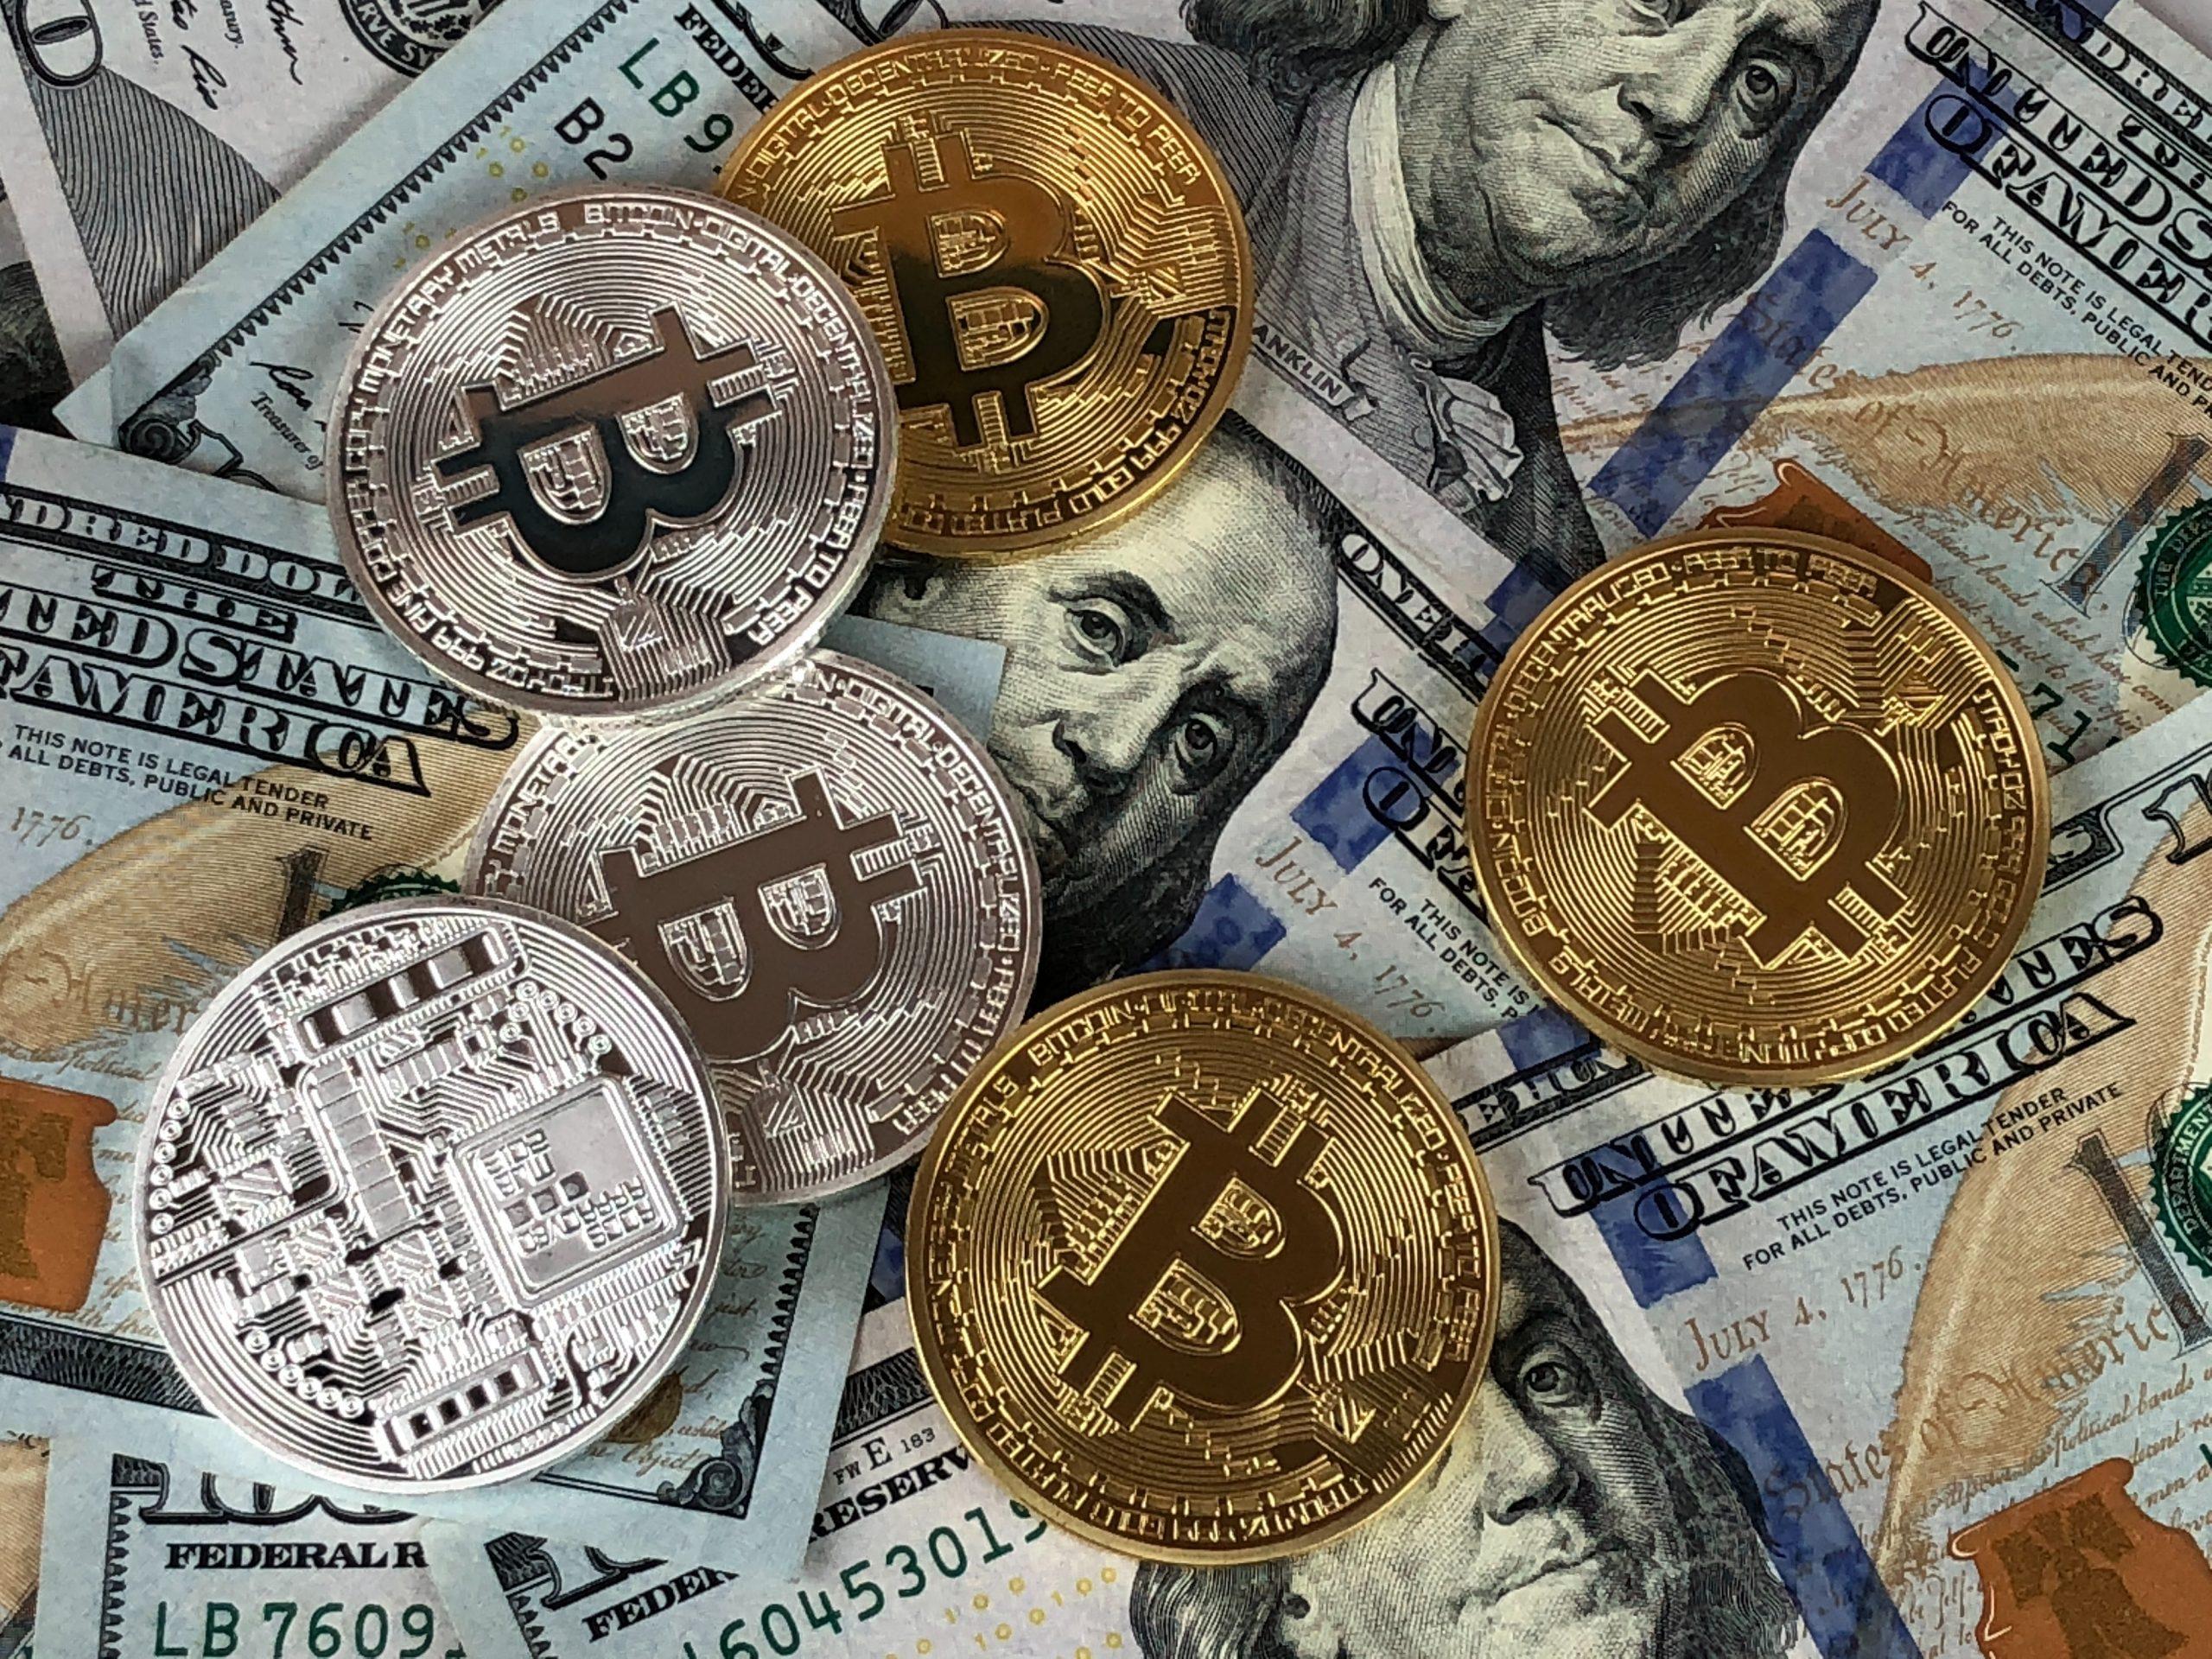 10000달러 비트코인 가격 상승은 시작되었다